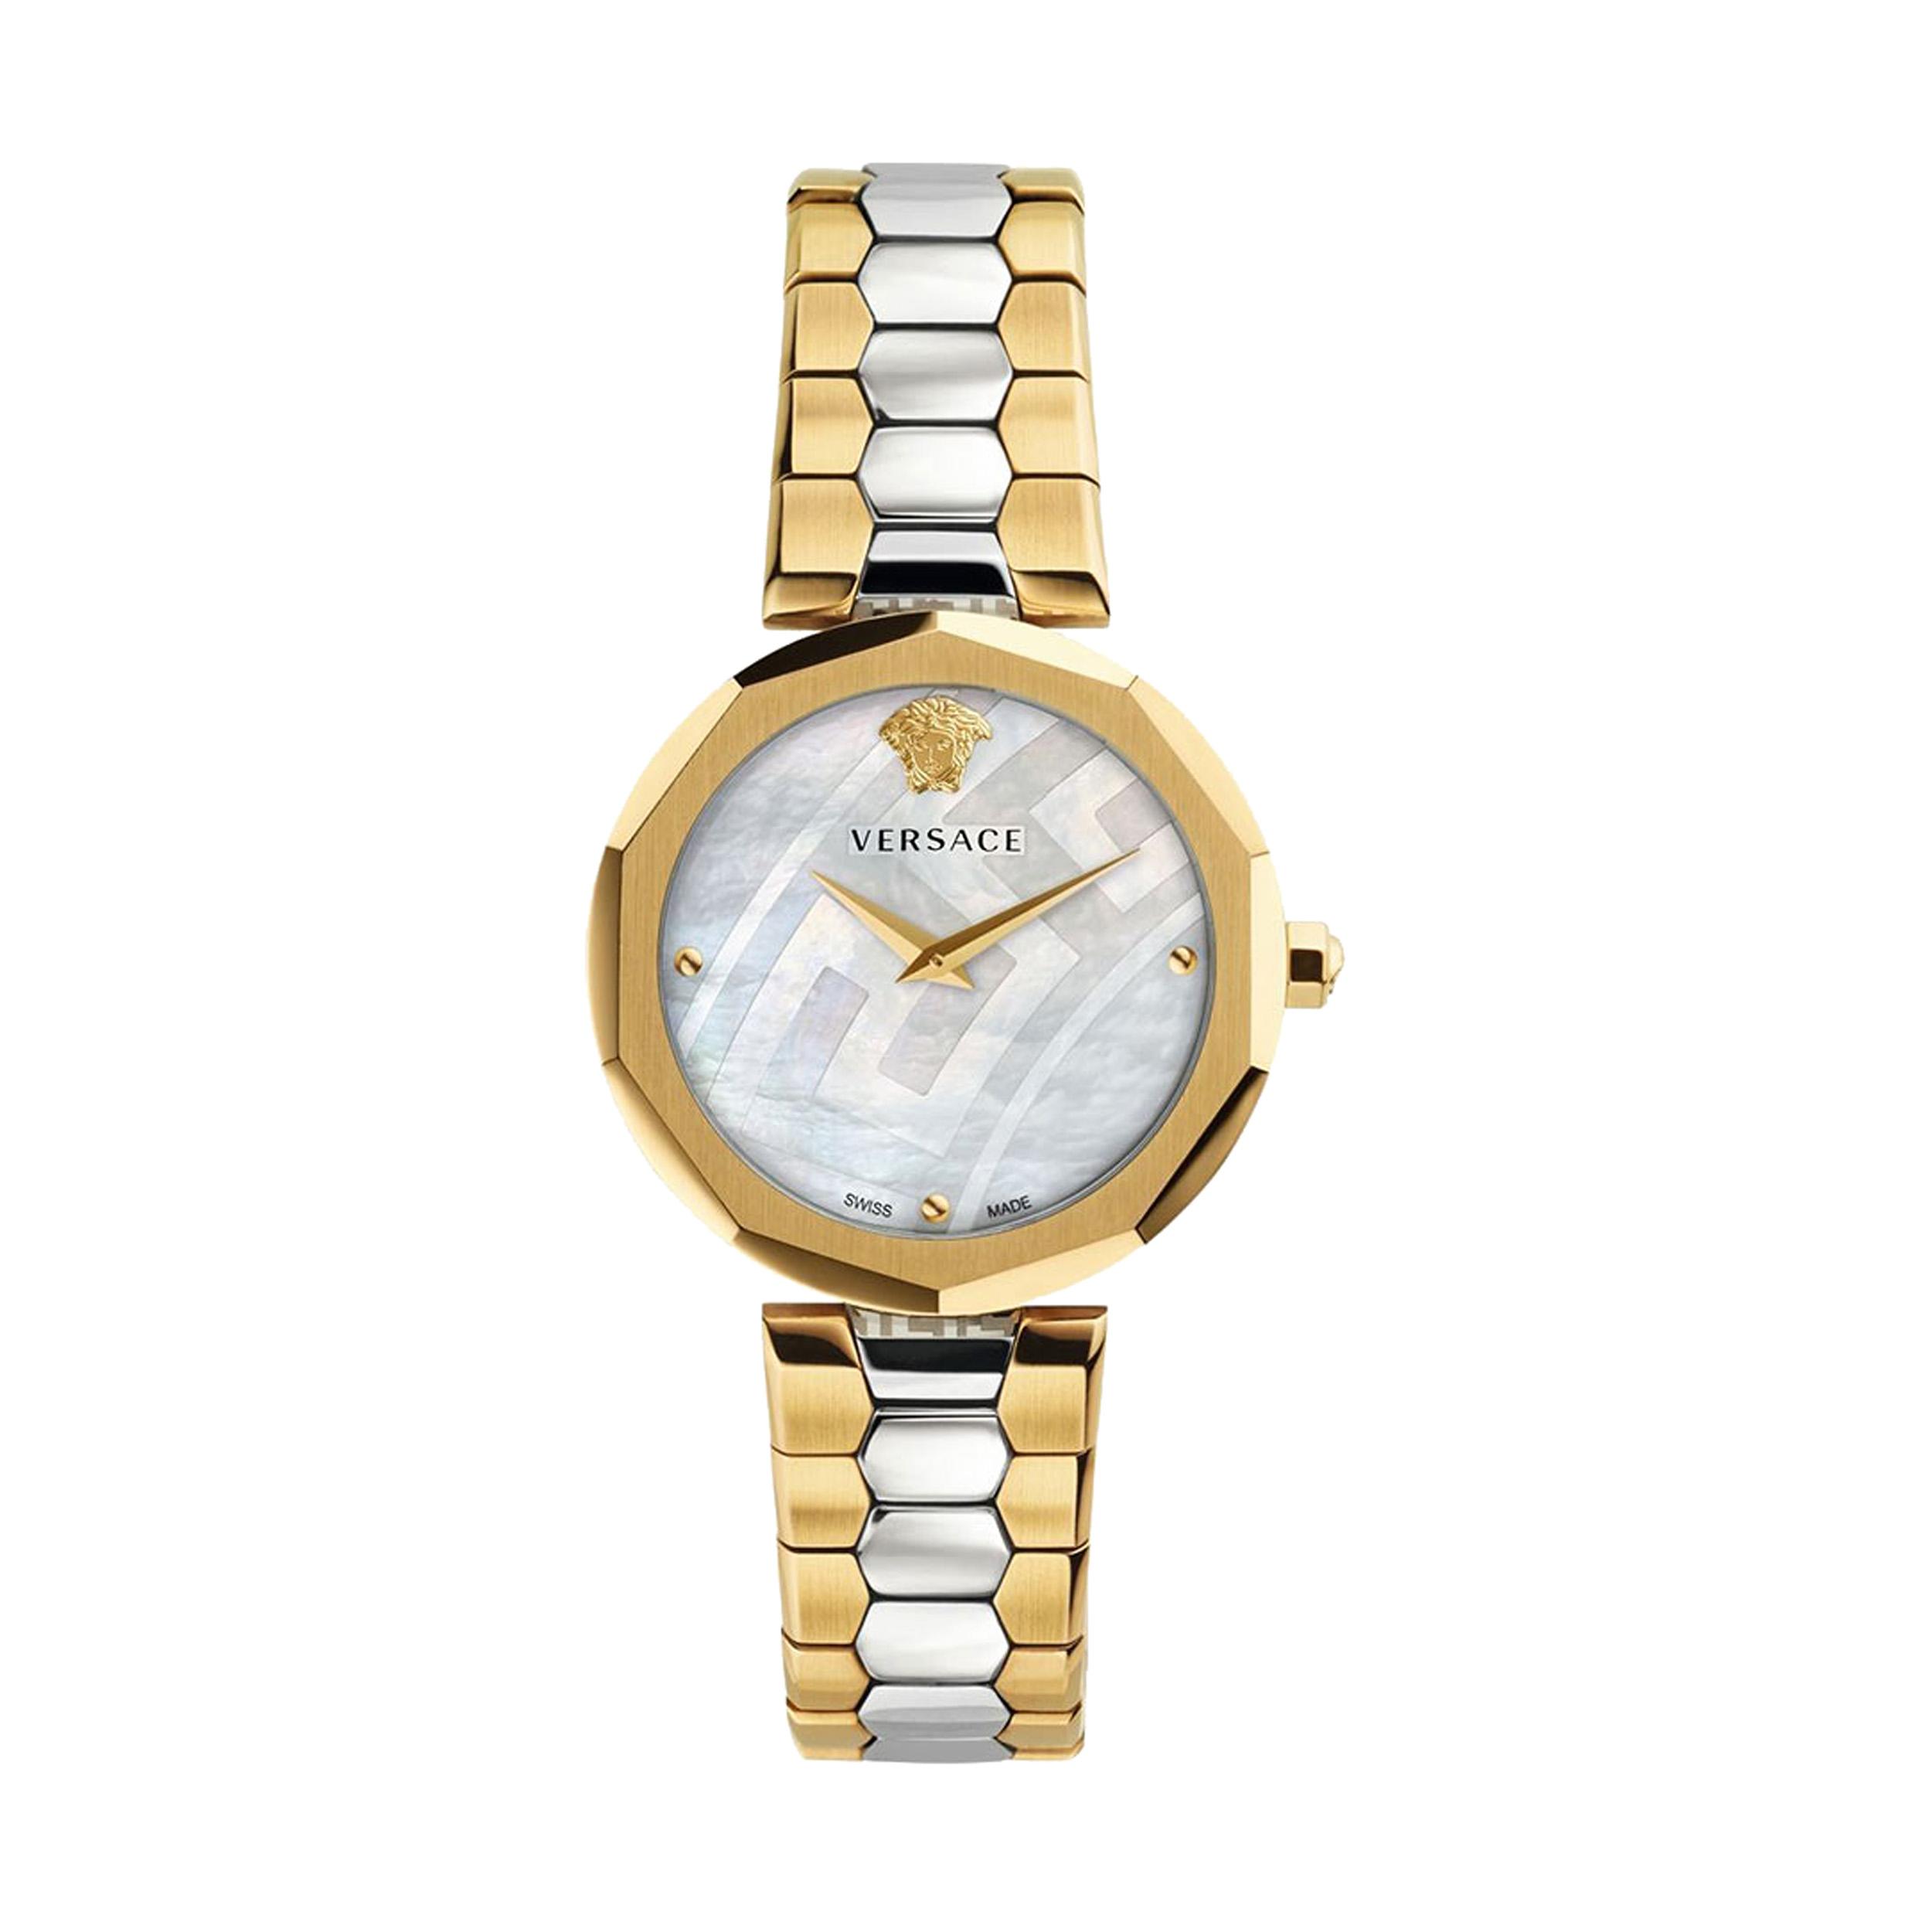 ساعت مچی عقربه ای زنانه ورساچه مدل V17040017